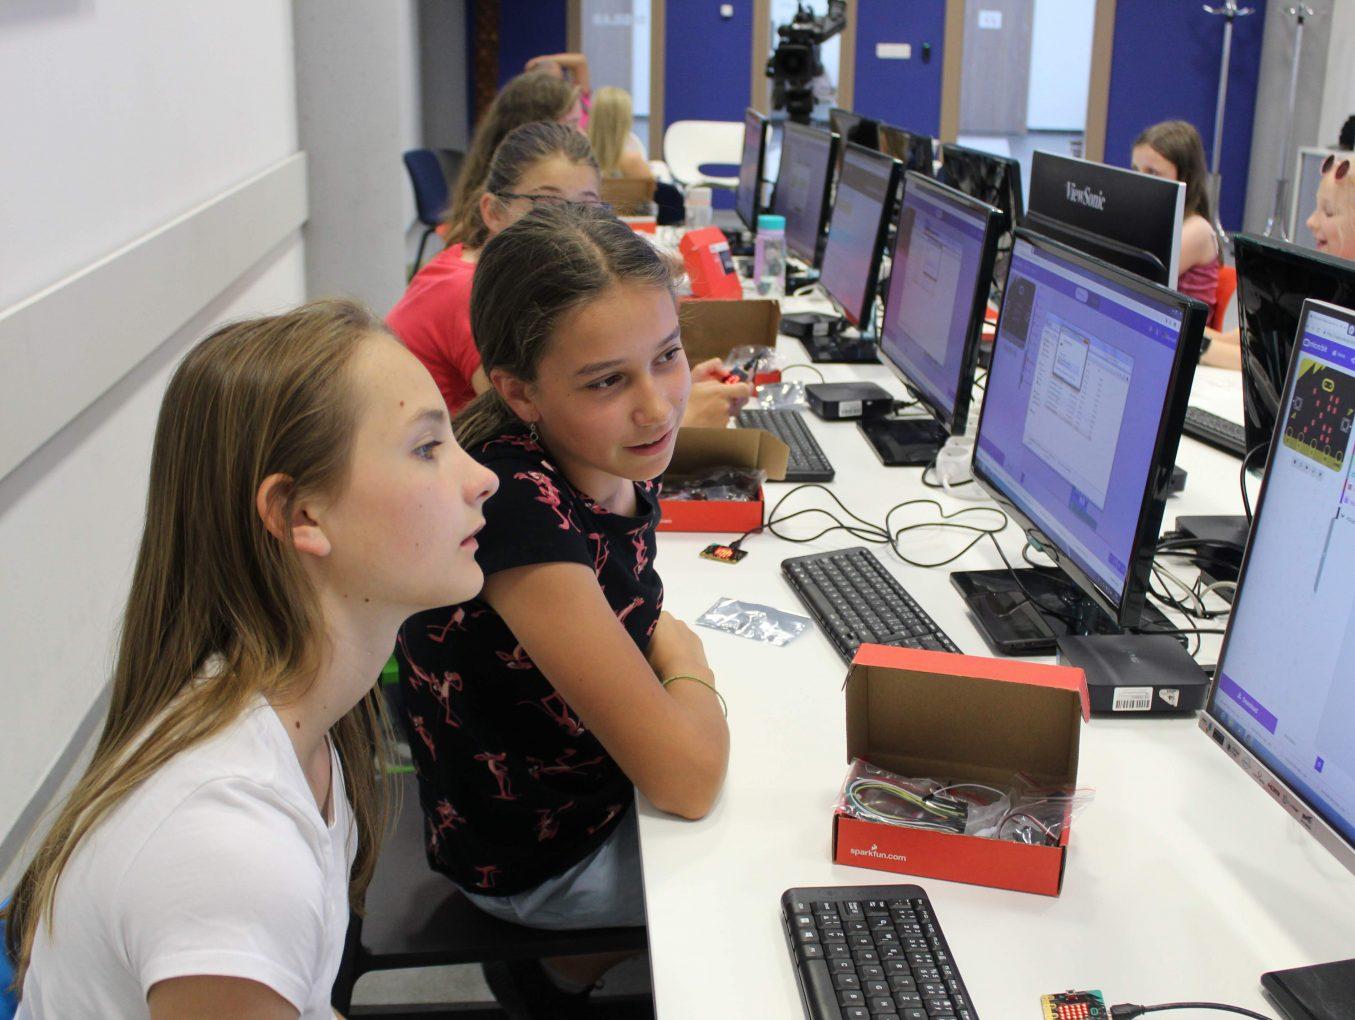 Vyhlasujeme 2. ročník grantovej výzvy ENTER pre školy. Zapojte sa a vyučujte inovatívne!